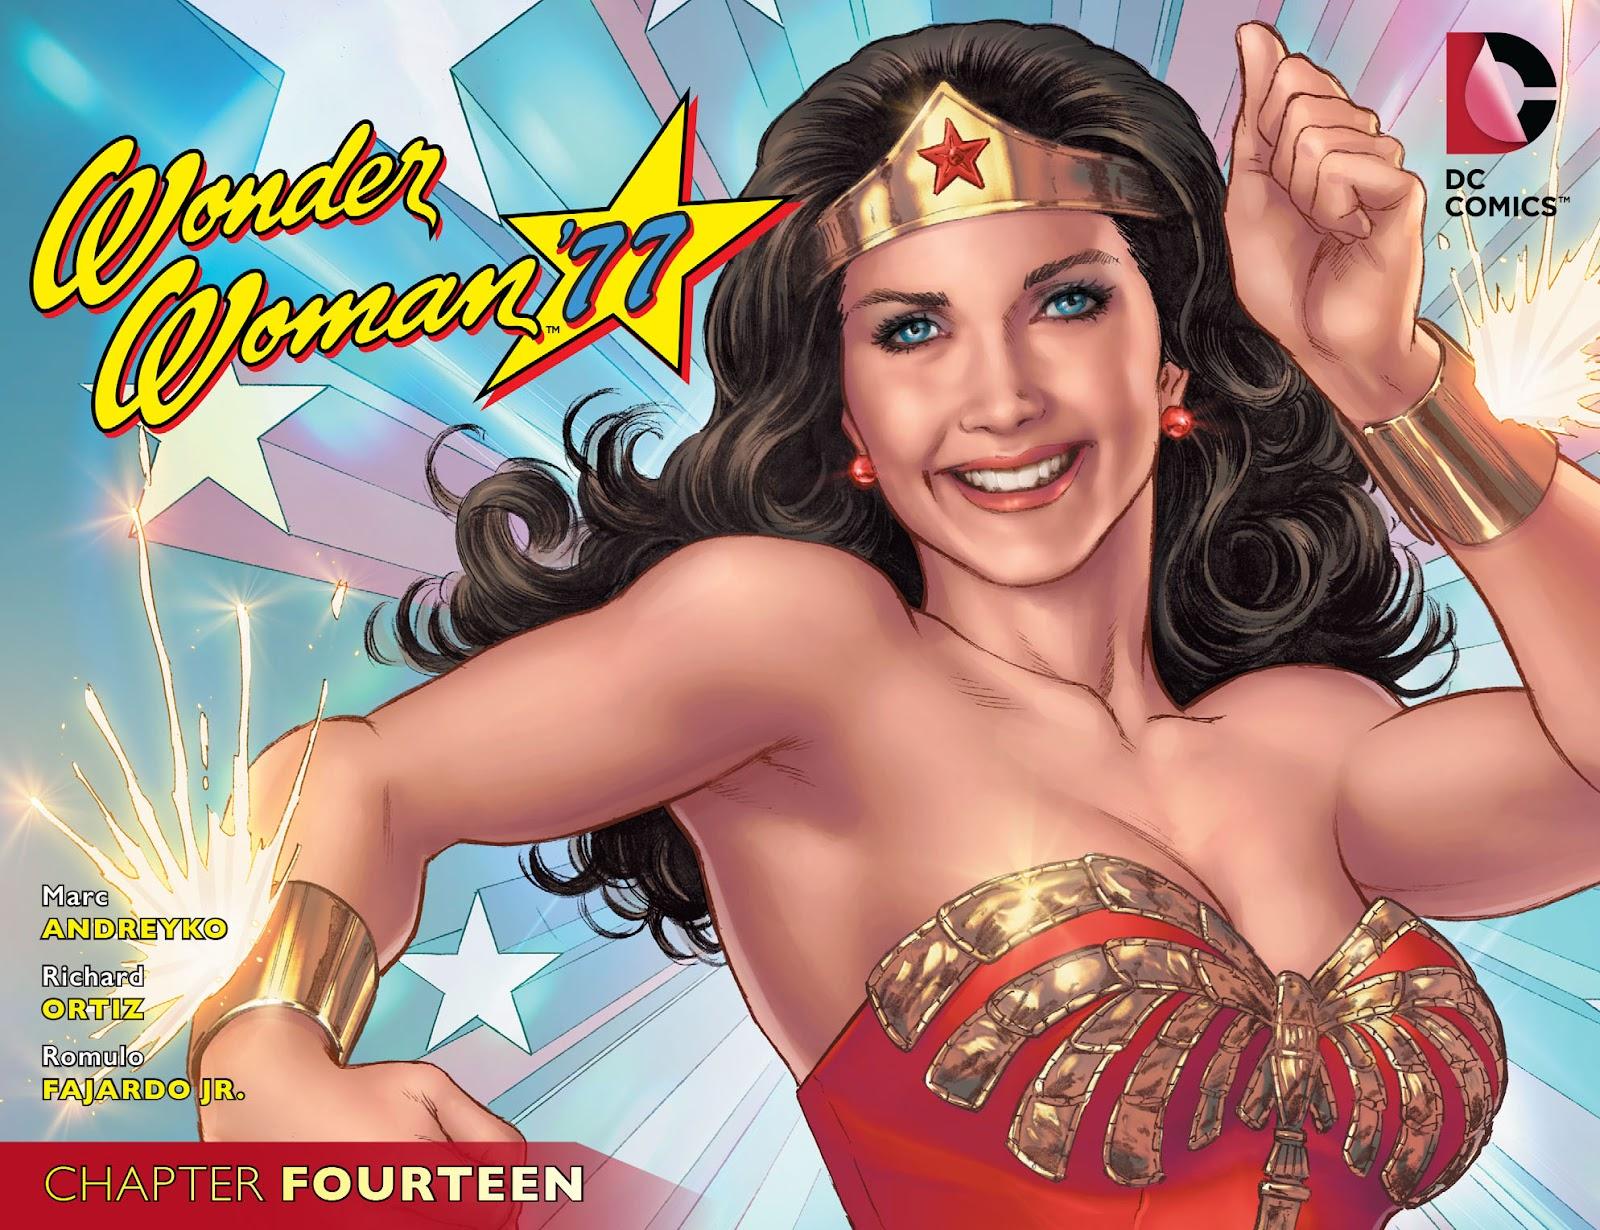 Wonder Woman 77 [I] 14 Page 1